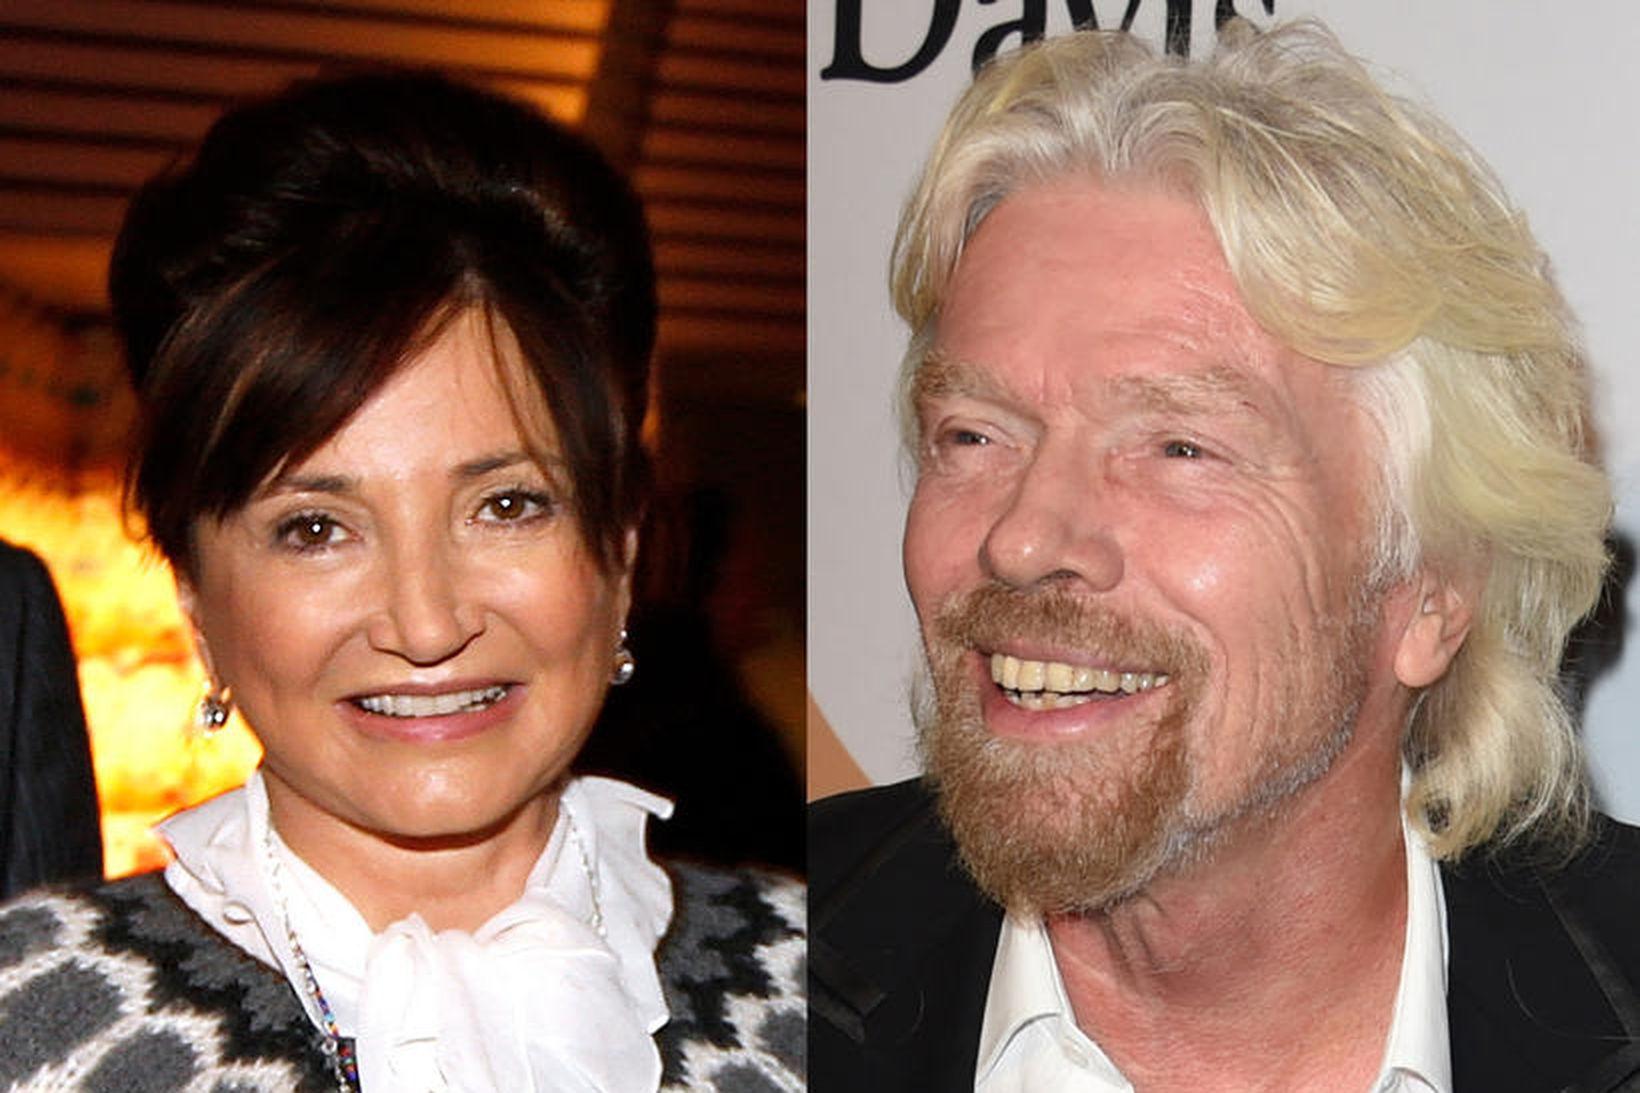 Dorrit Moussaieff og Richard Branson eru góðvinir til margra ára.